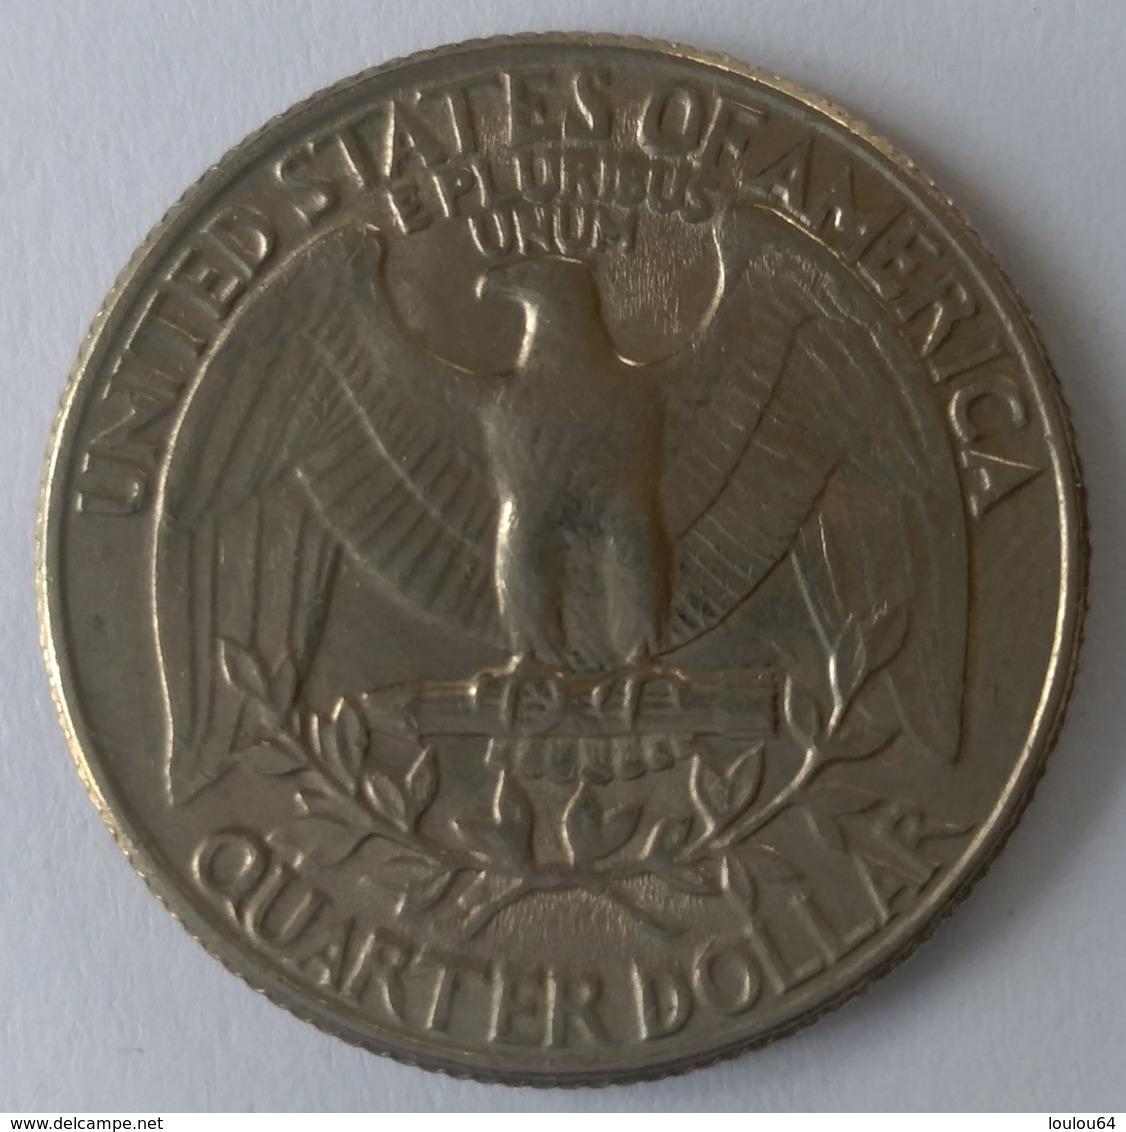 QUARTER  DOLLAR - 1982 - Washington - - Federal Issues